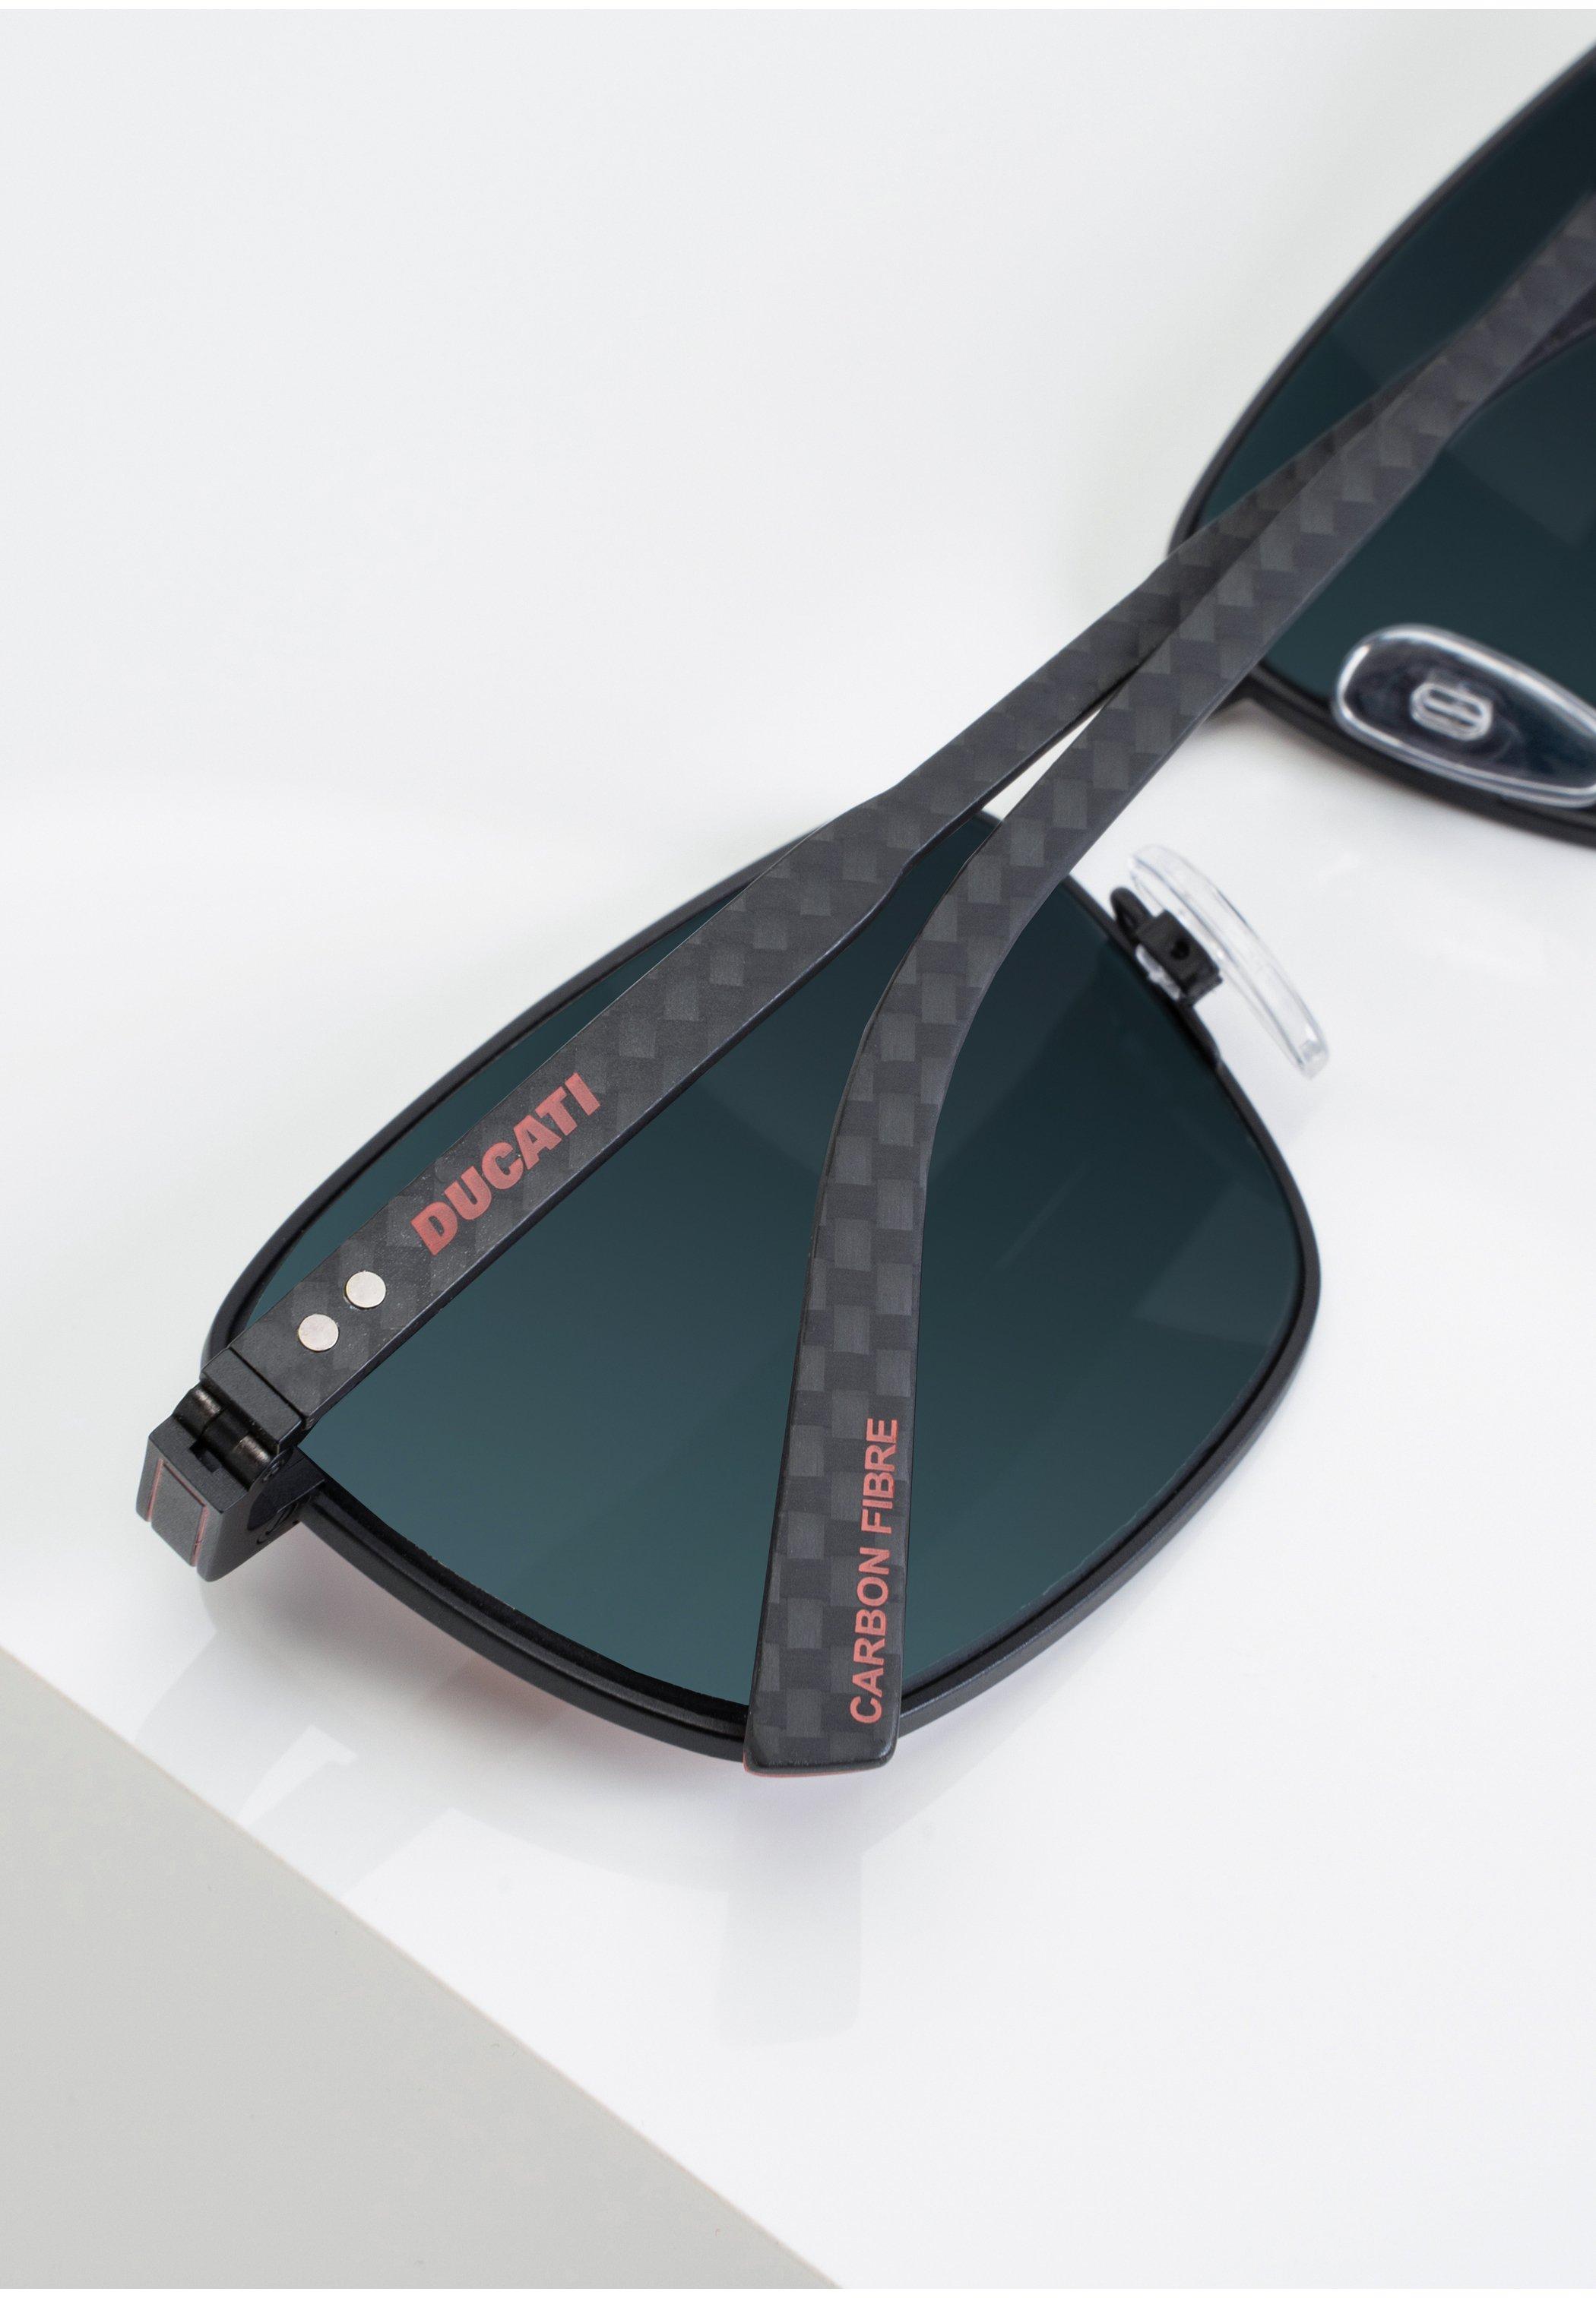 DUCATI Eyewear SONNENBRILLE DA7014 - Sonnenbrille - black/schwarz - Herrenaccessoires 3vgae